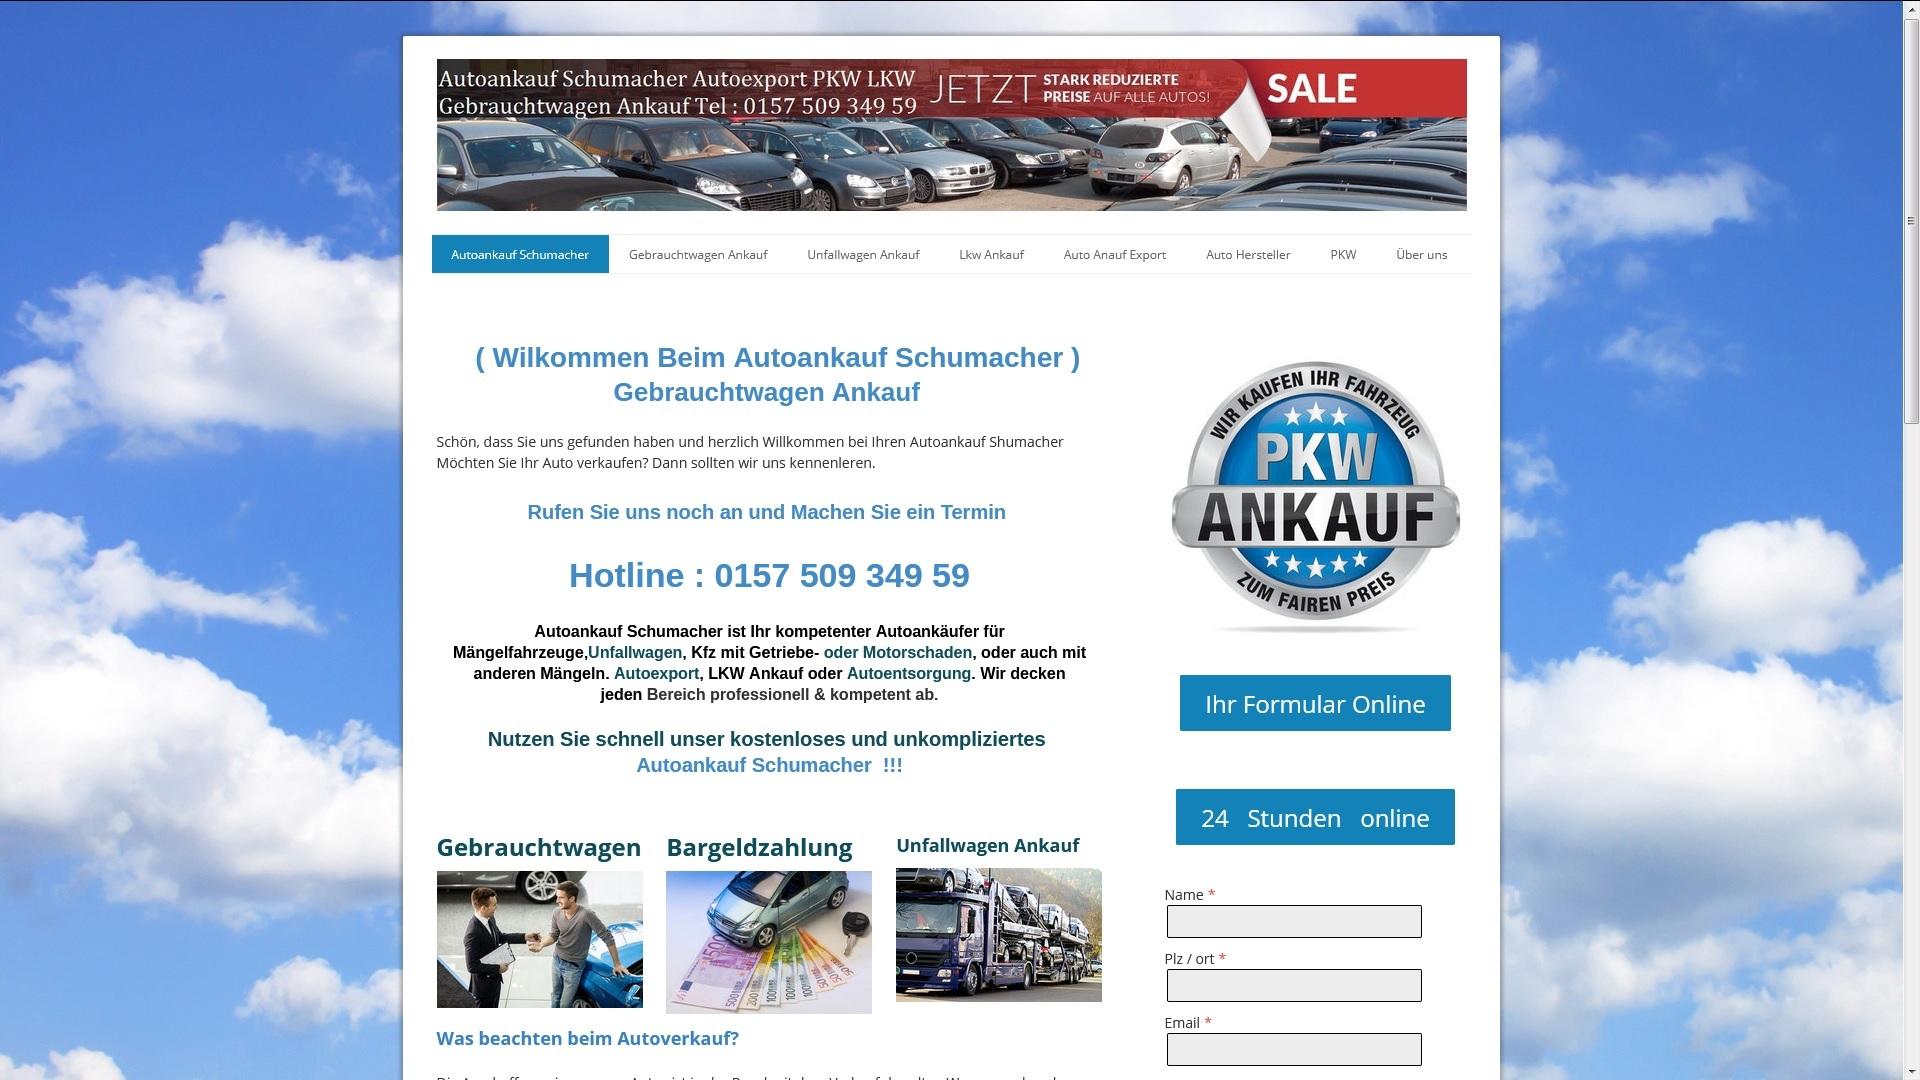 autoankauf baden baden full service in sachen autoankauf - Autoankauf Baden-Baden Full-Service in Sachen Autoankauf